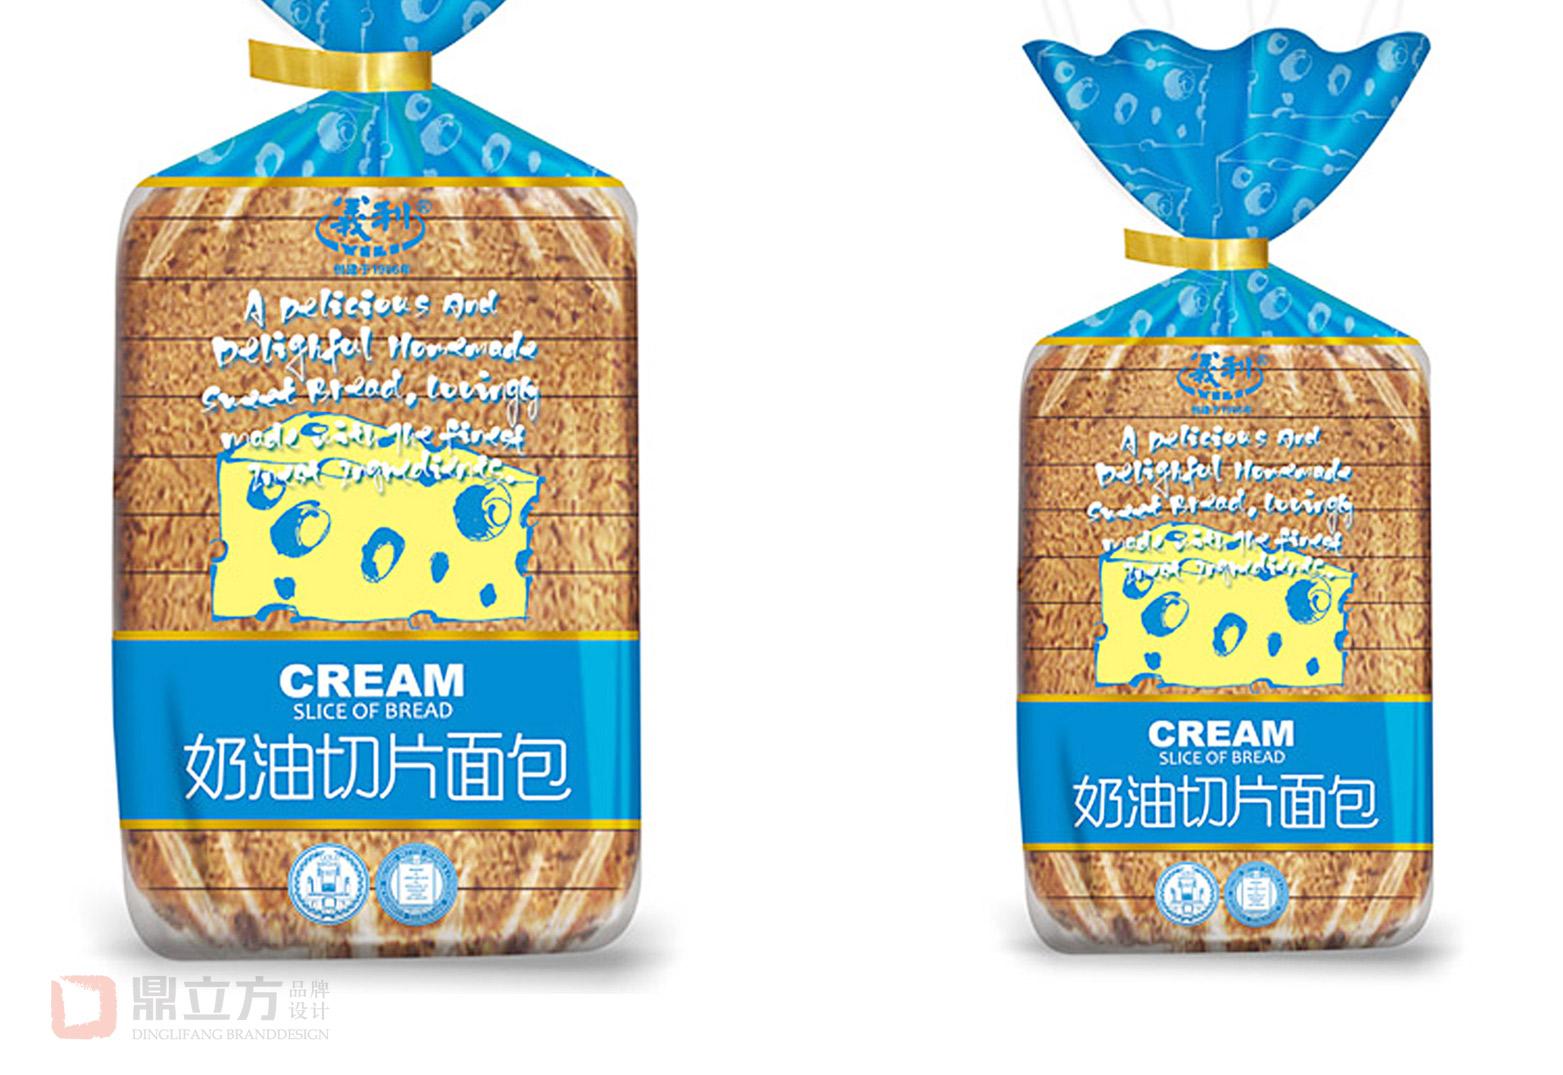 义利面包包装设计